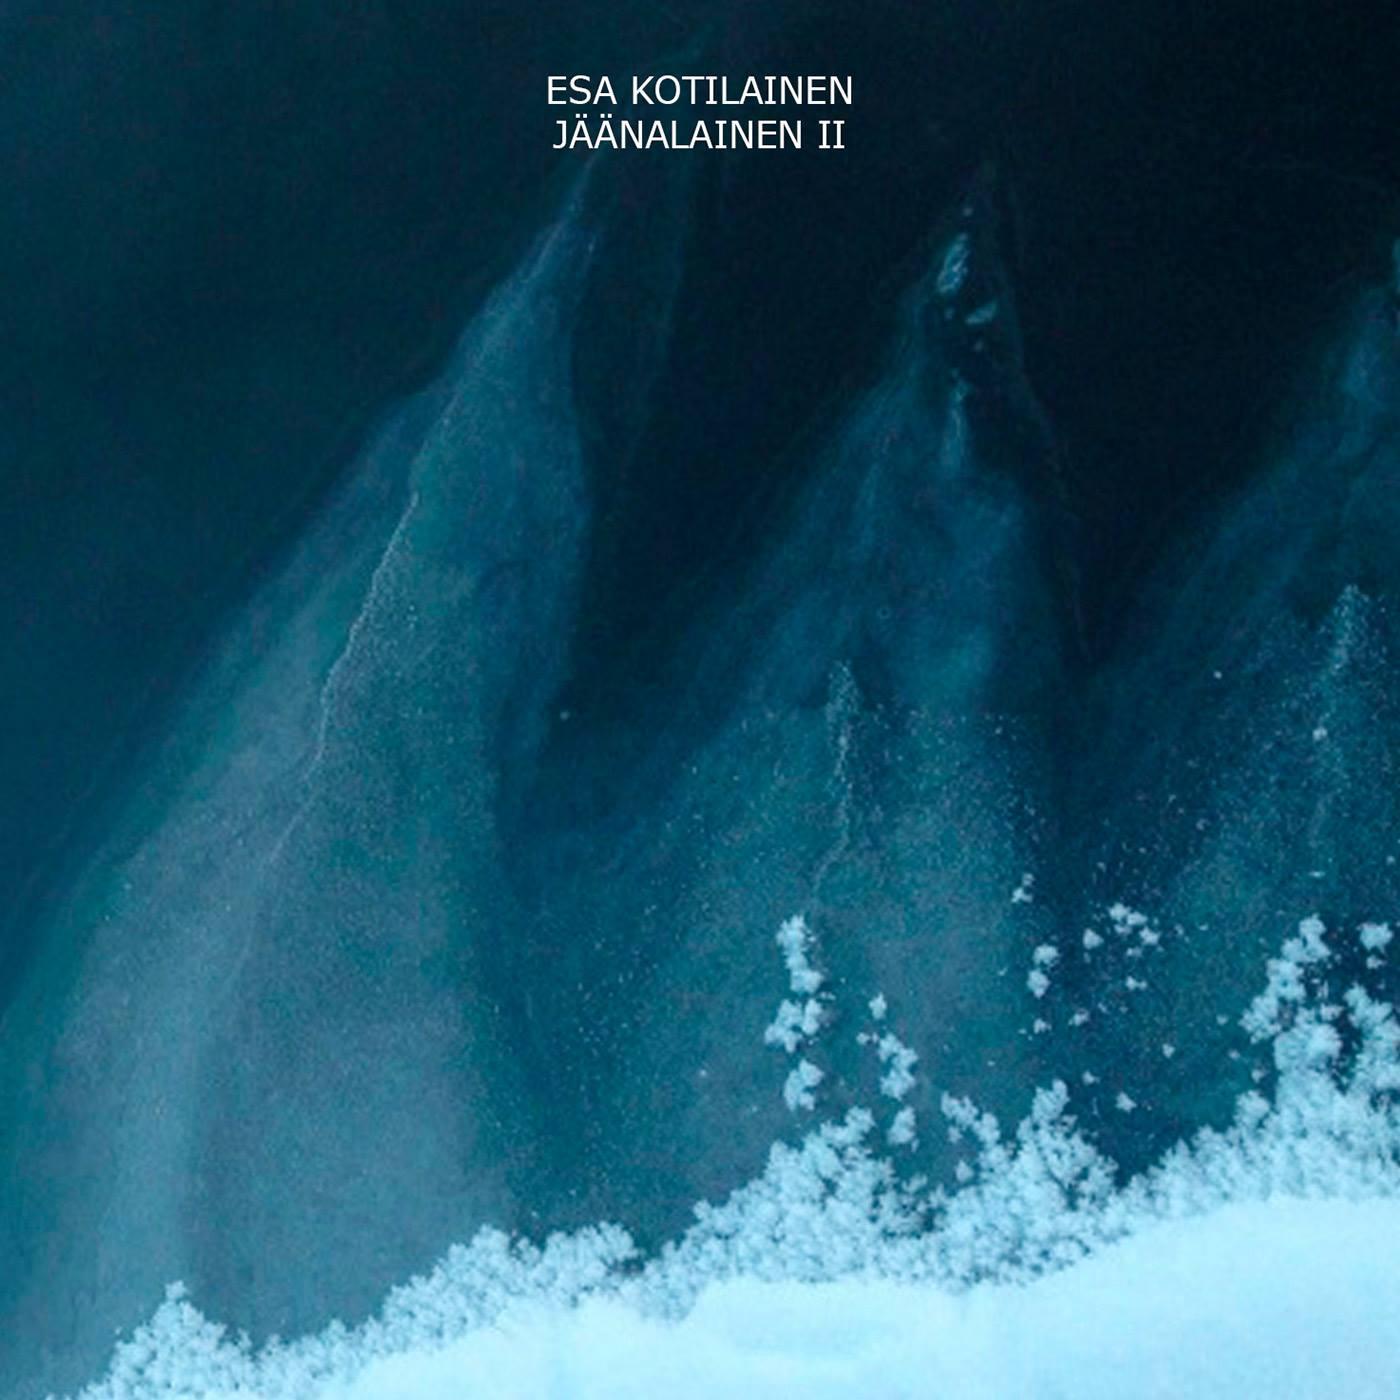 Esa Kotilainen: Jäänalainen II - Under The Ice II